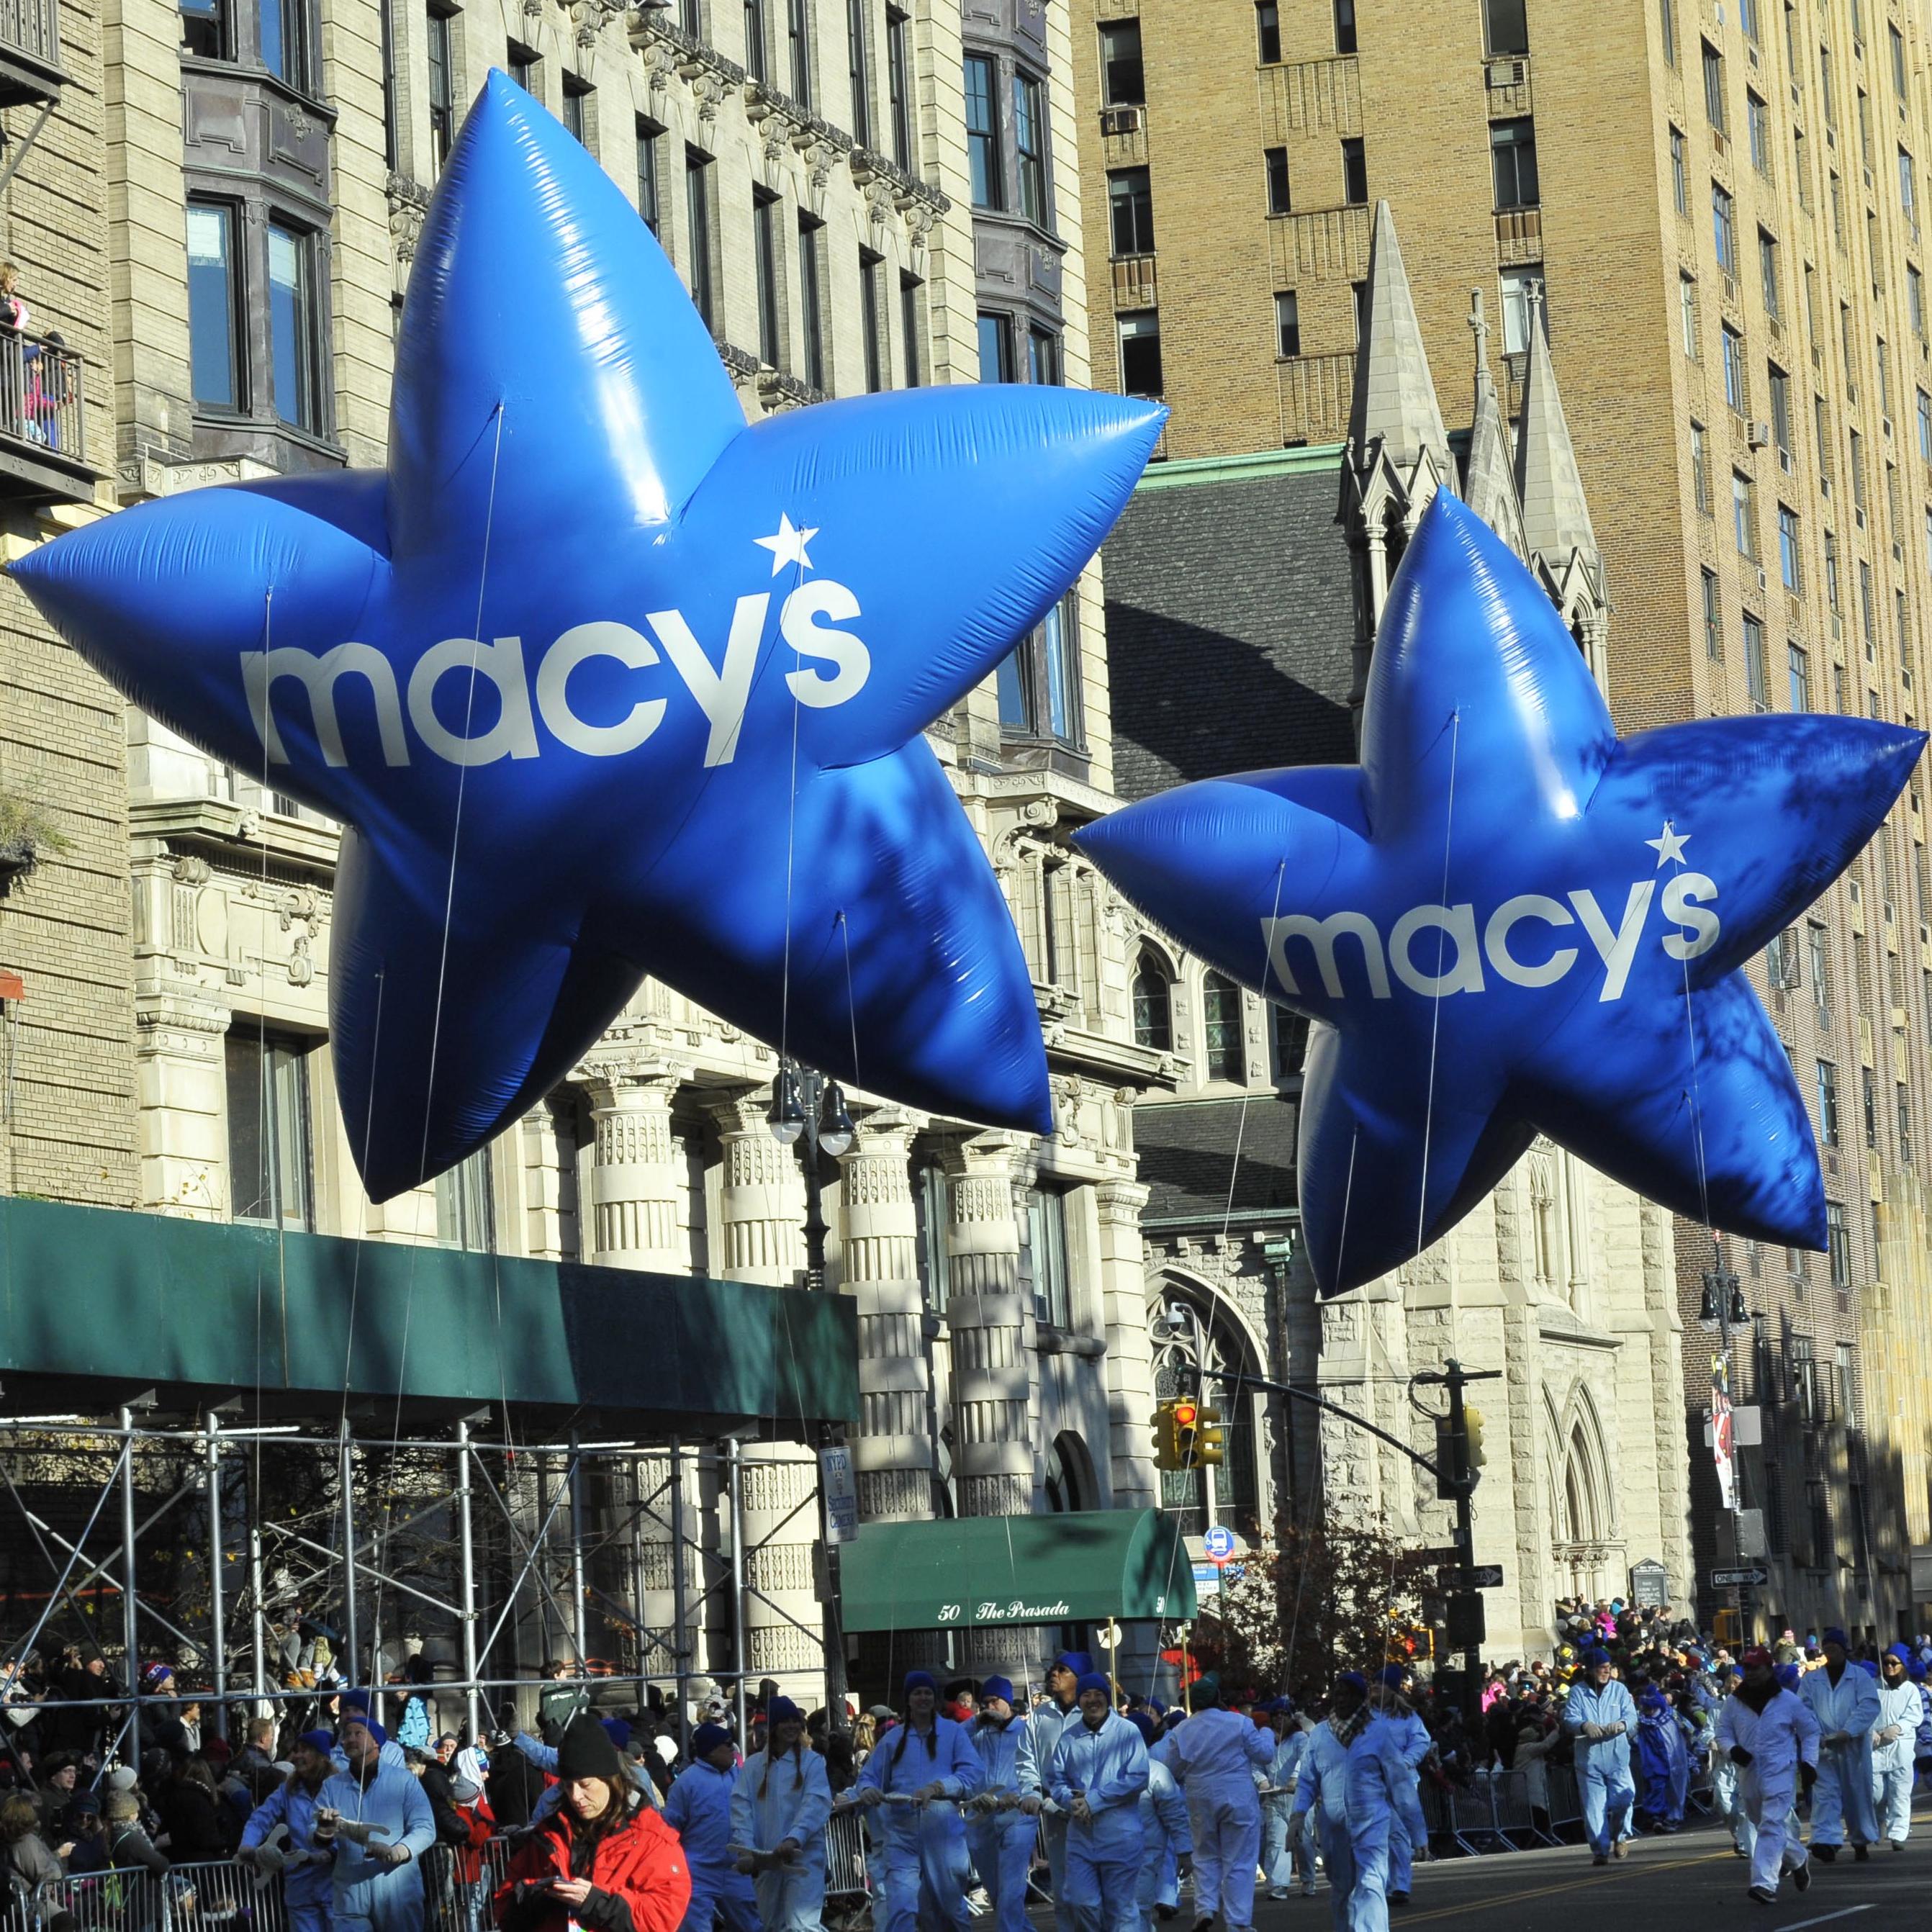 Blue & White Macy's Stars